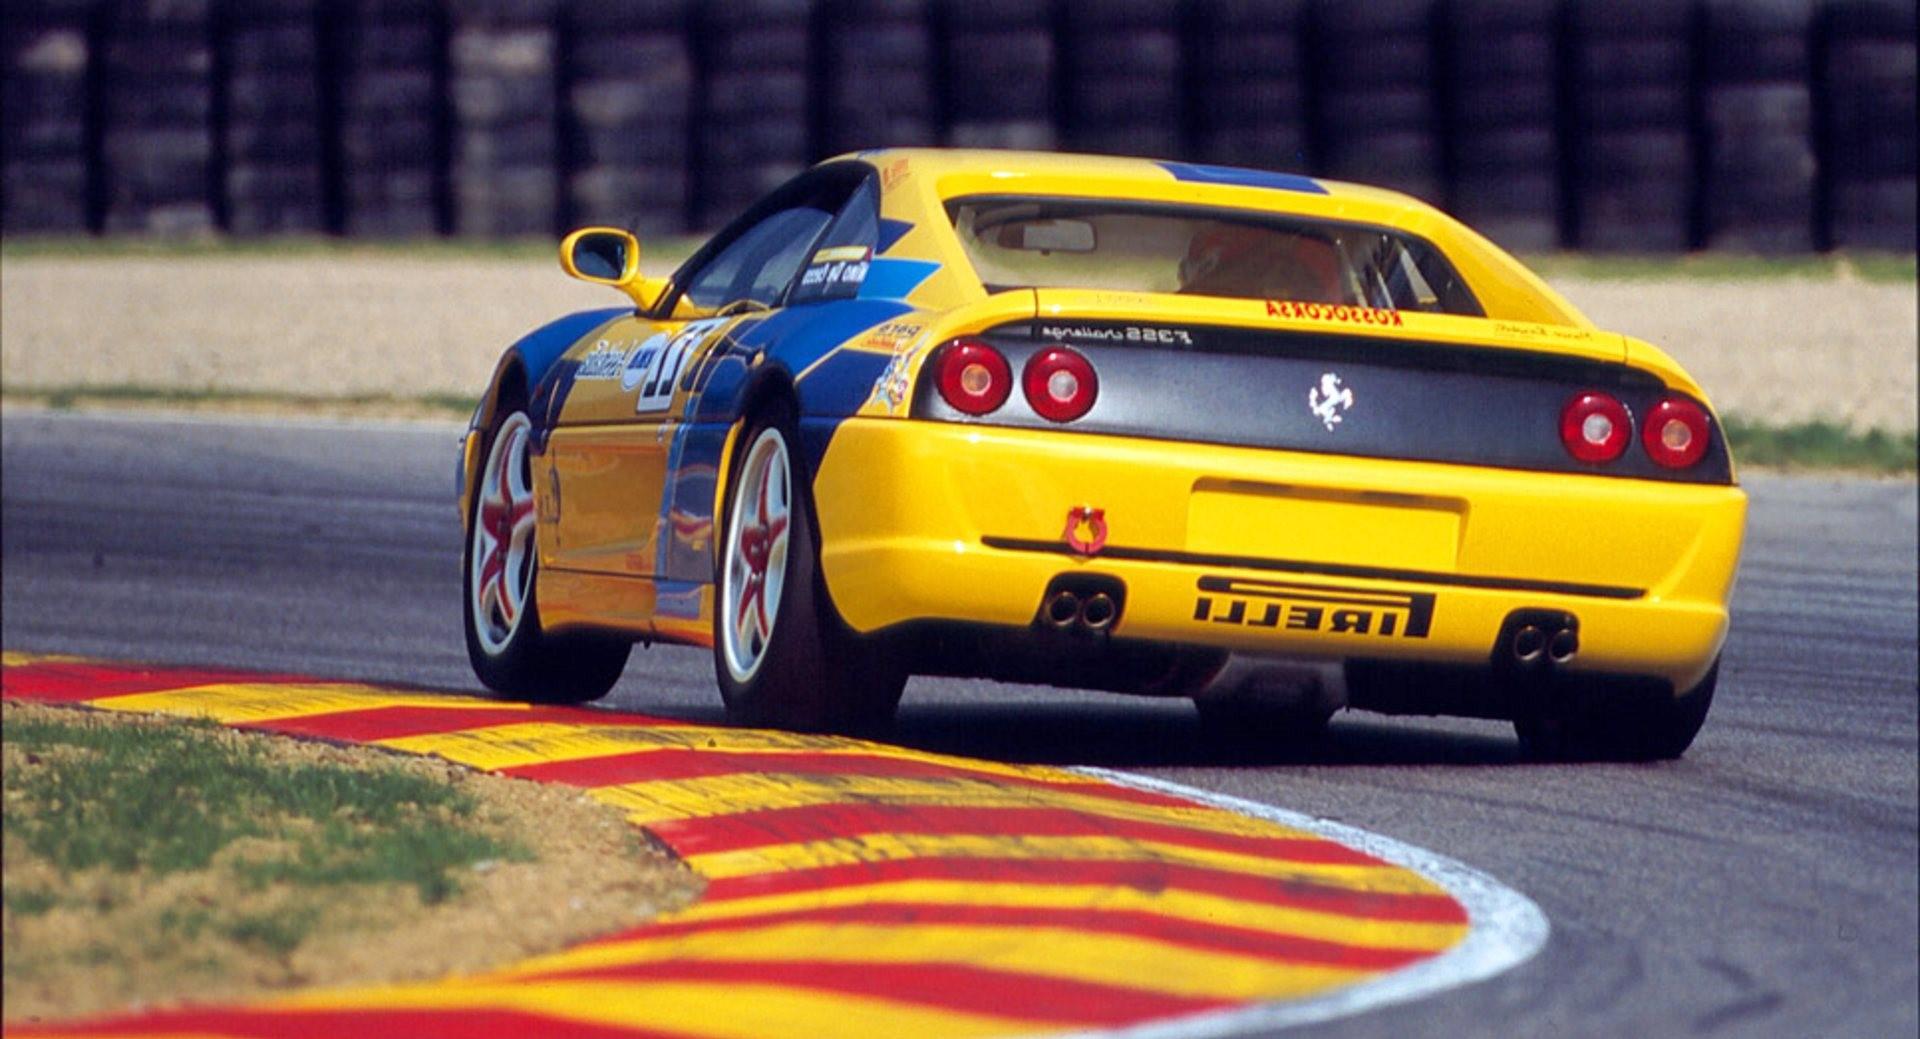 voitures-de-sports-qui-auront-25-ans-aujourd-hui-1269-34.jpg